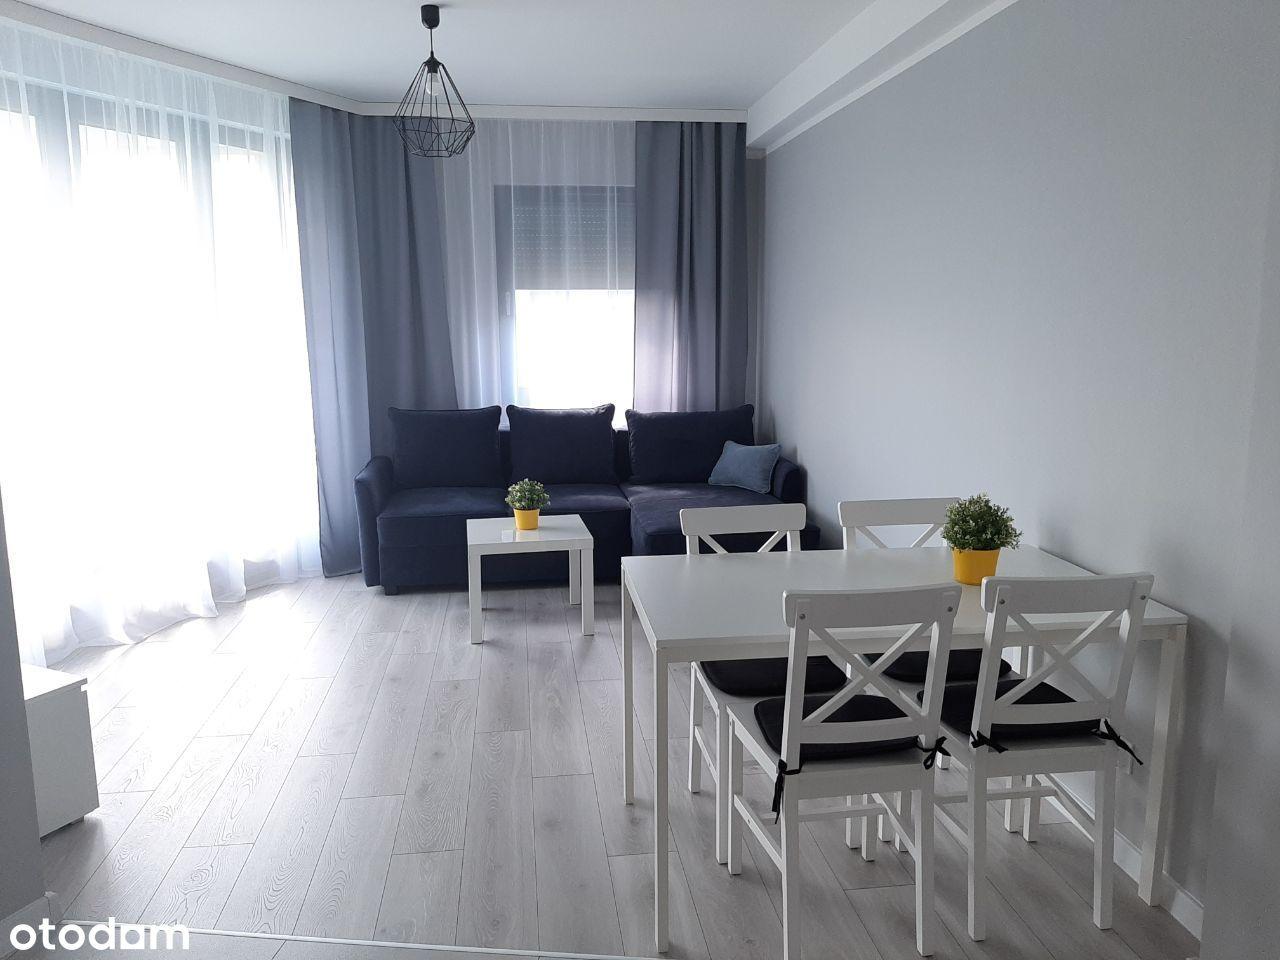 3 pokojowy apartament z balkonem i parkingiem